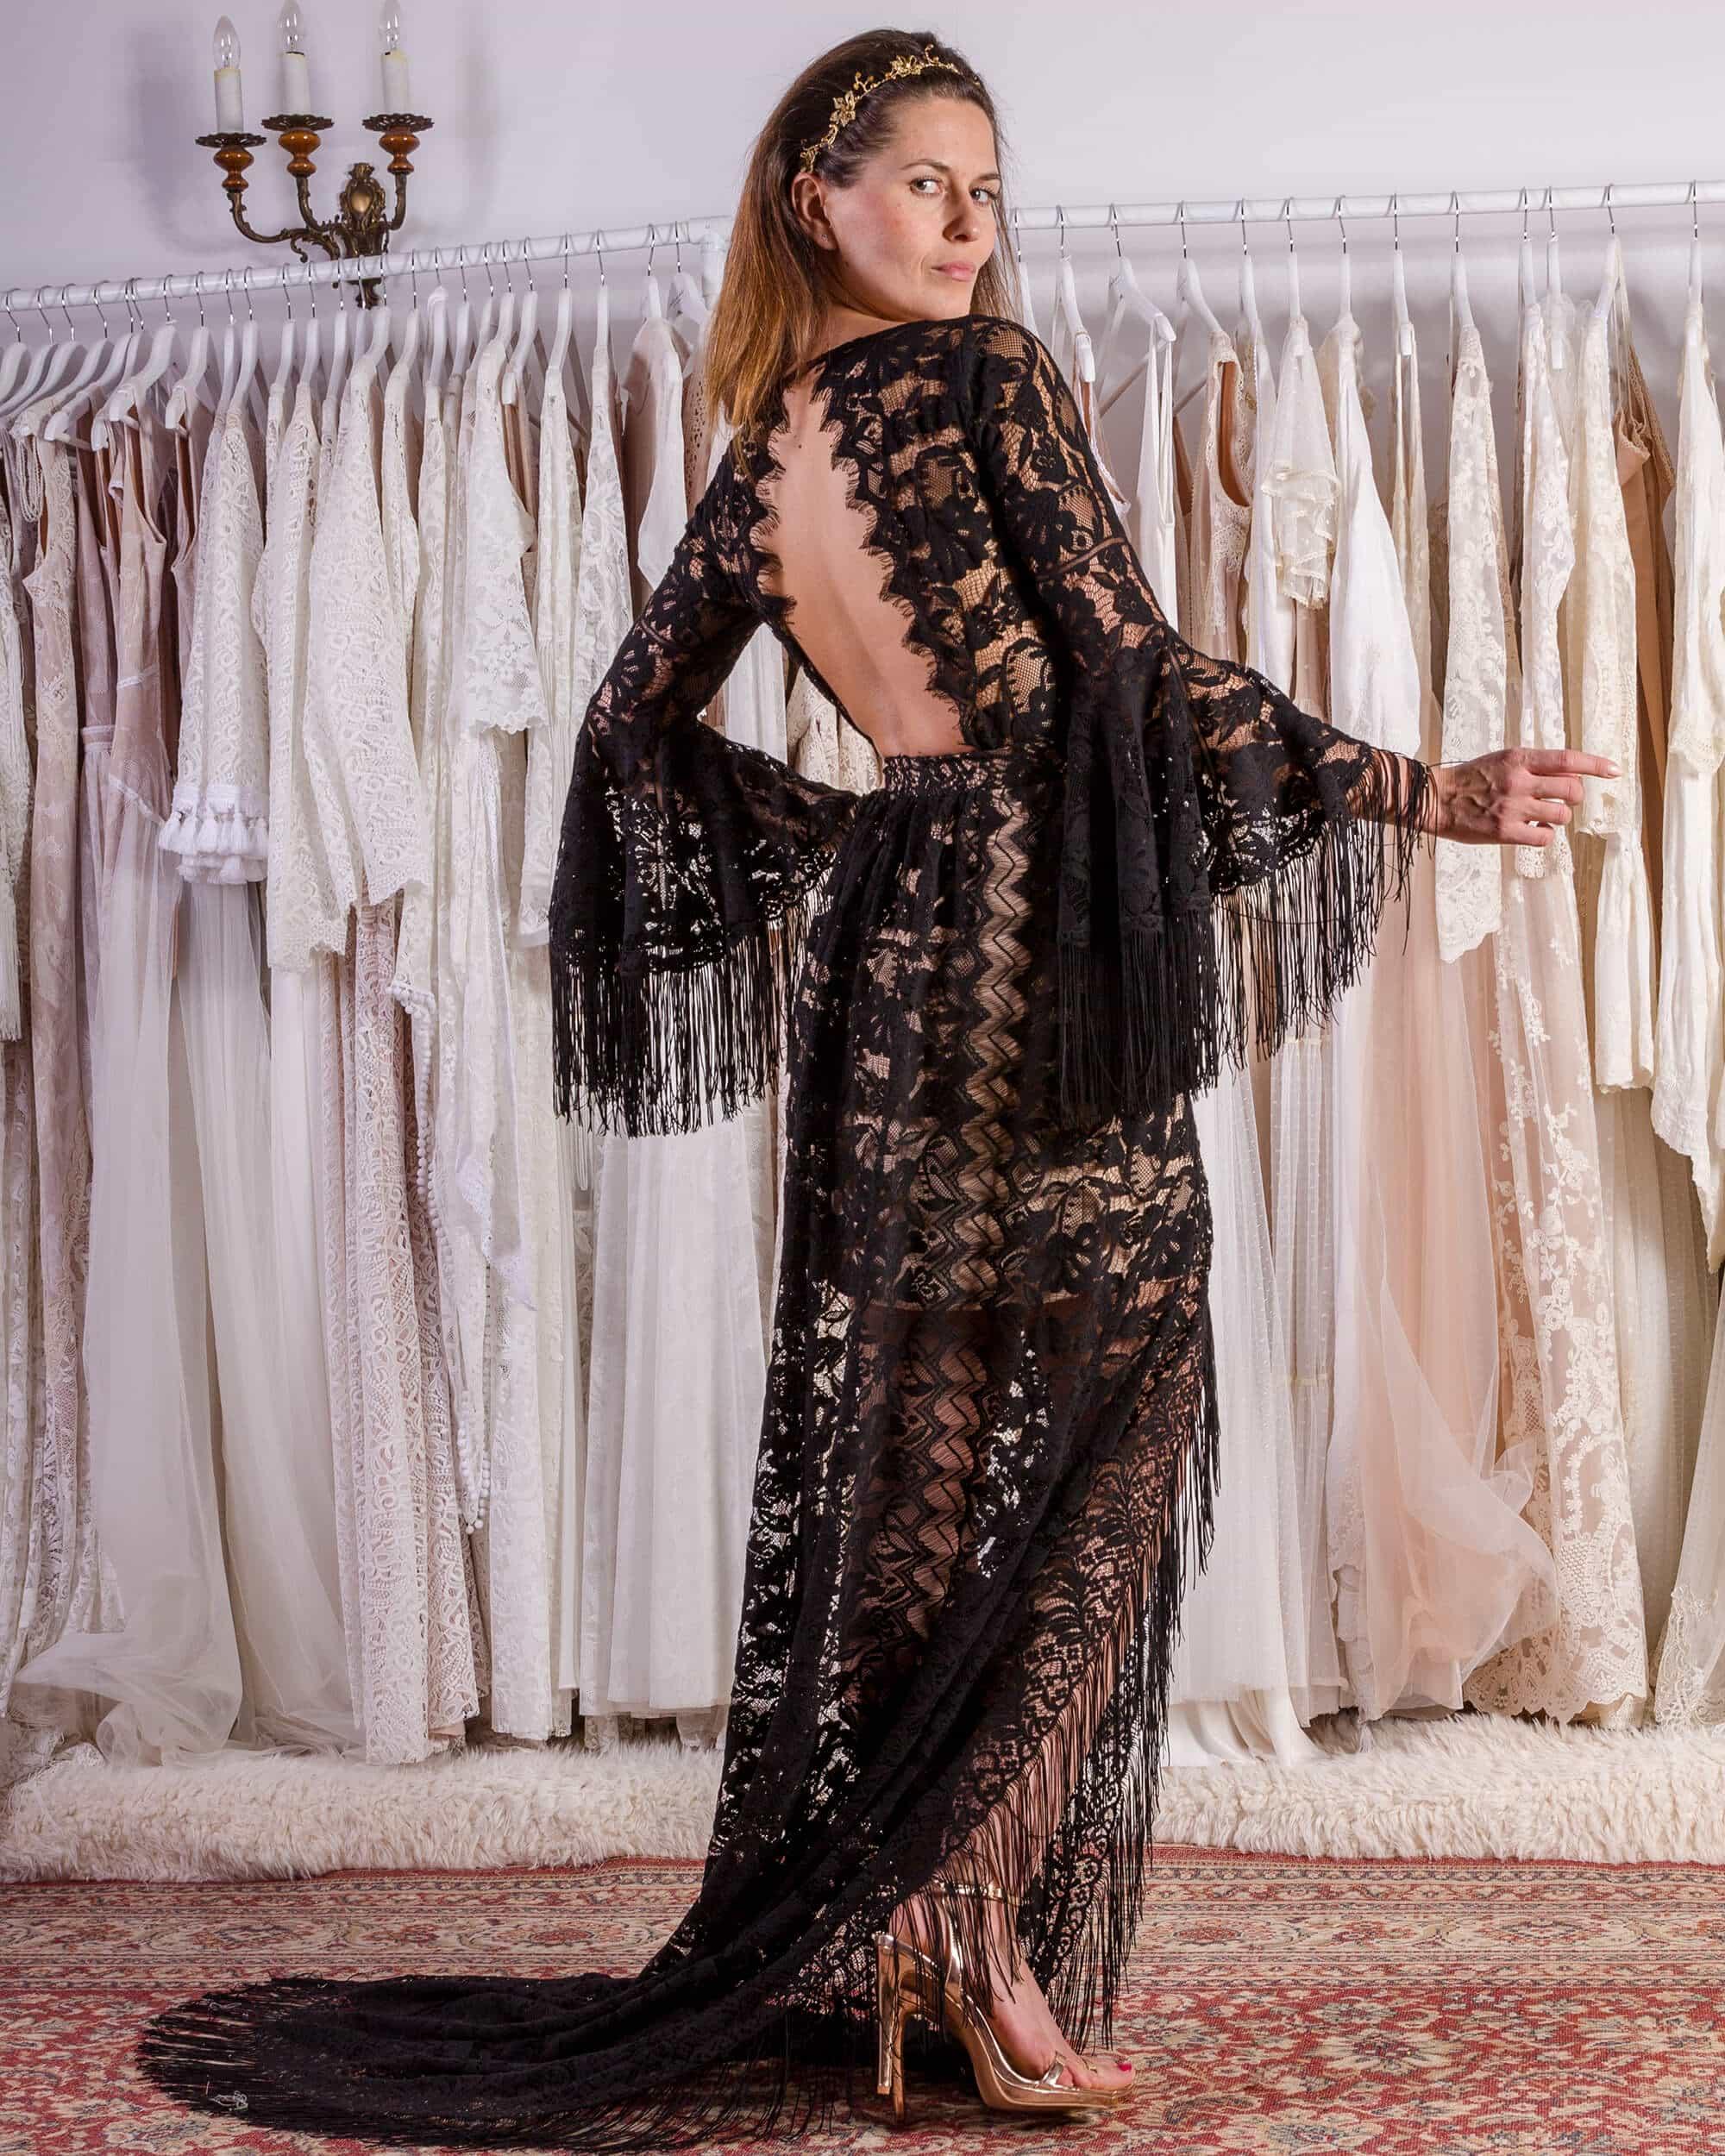 Zmysłowa, czarna suknia na ślub cywilny